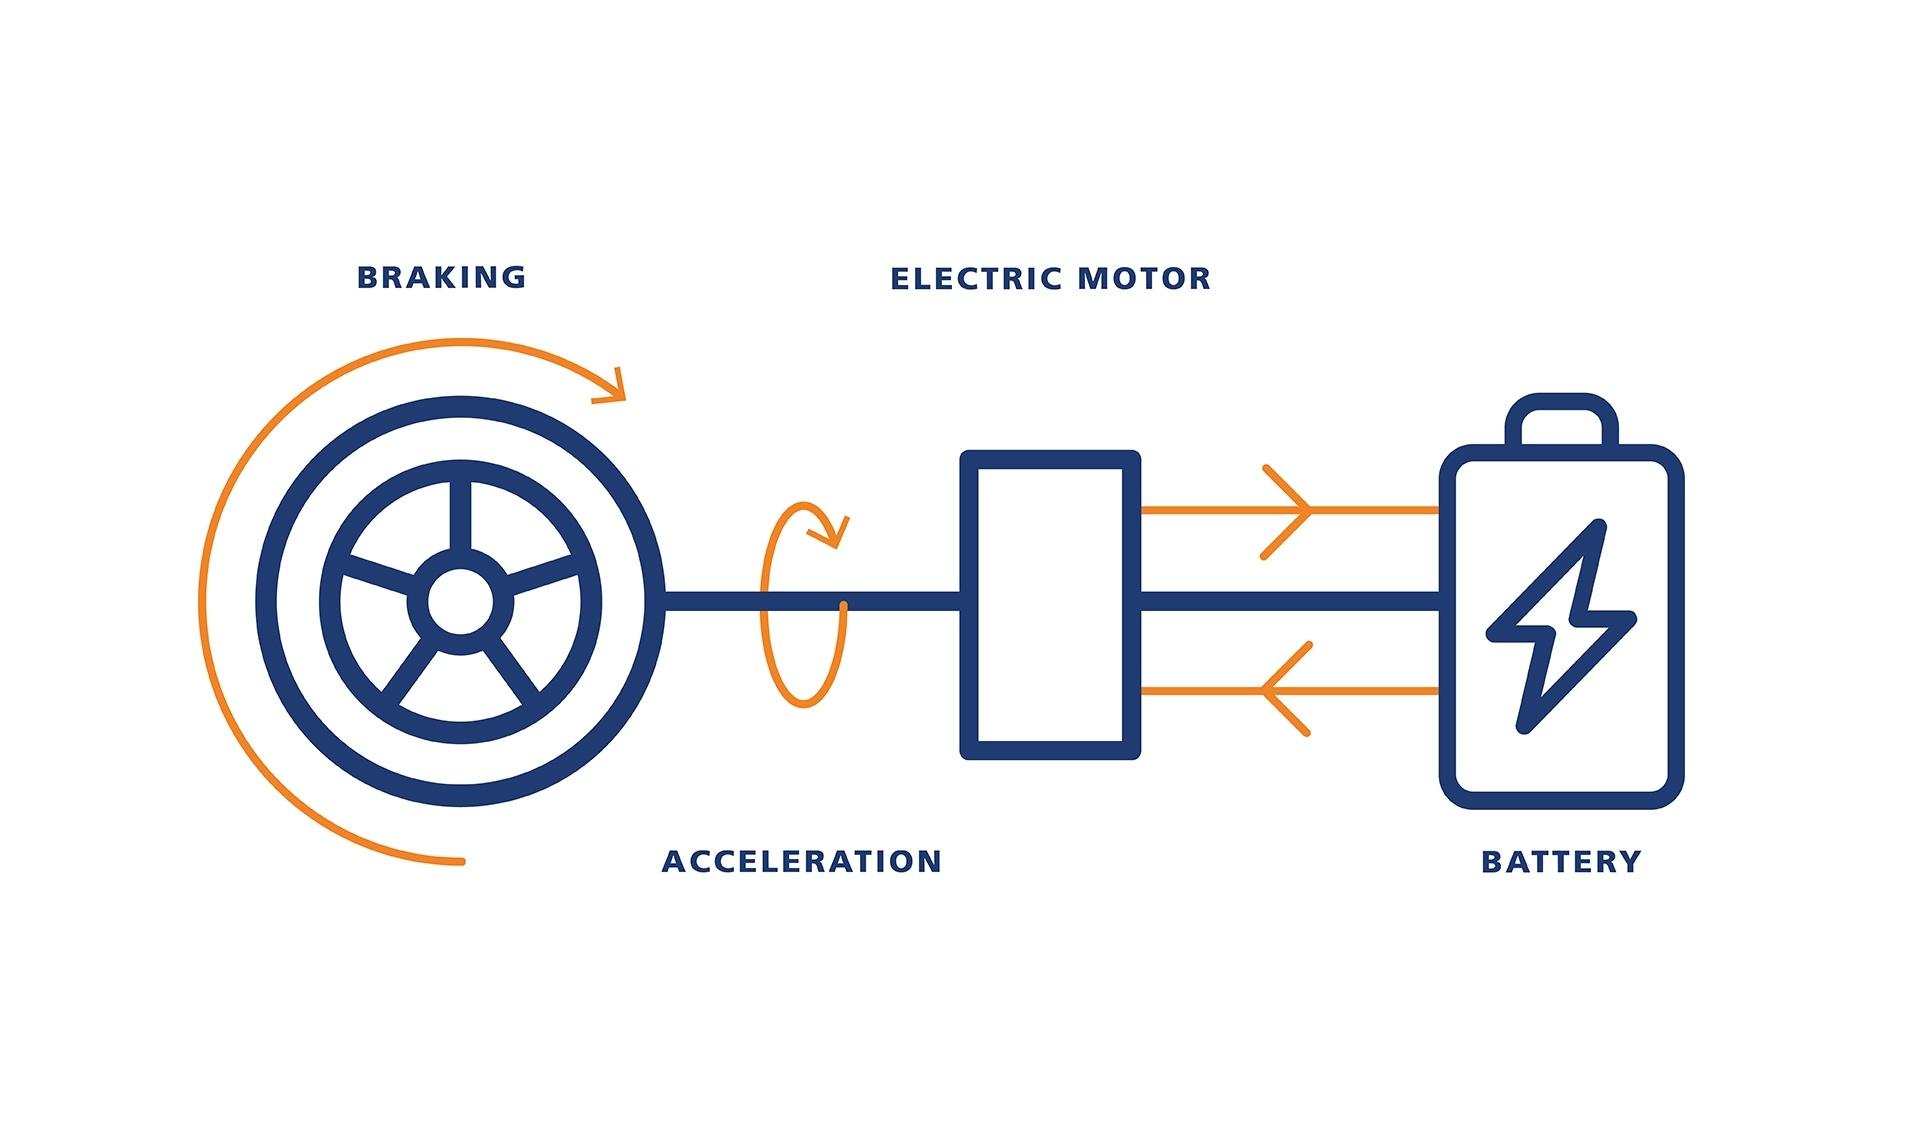 Electric car batteries and regenerative braking